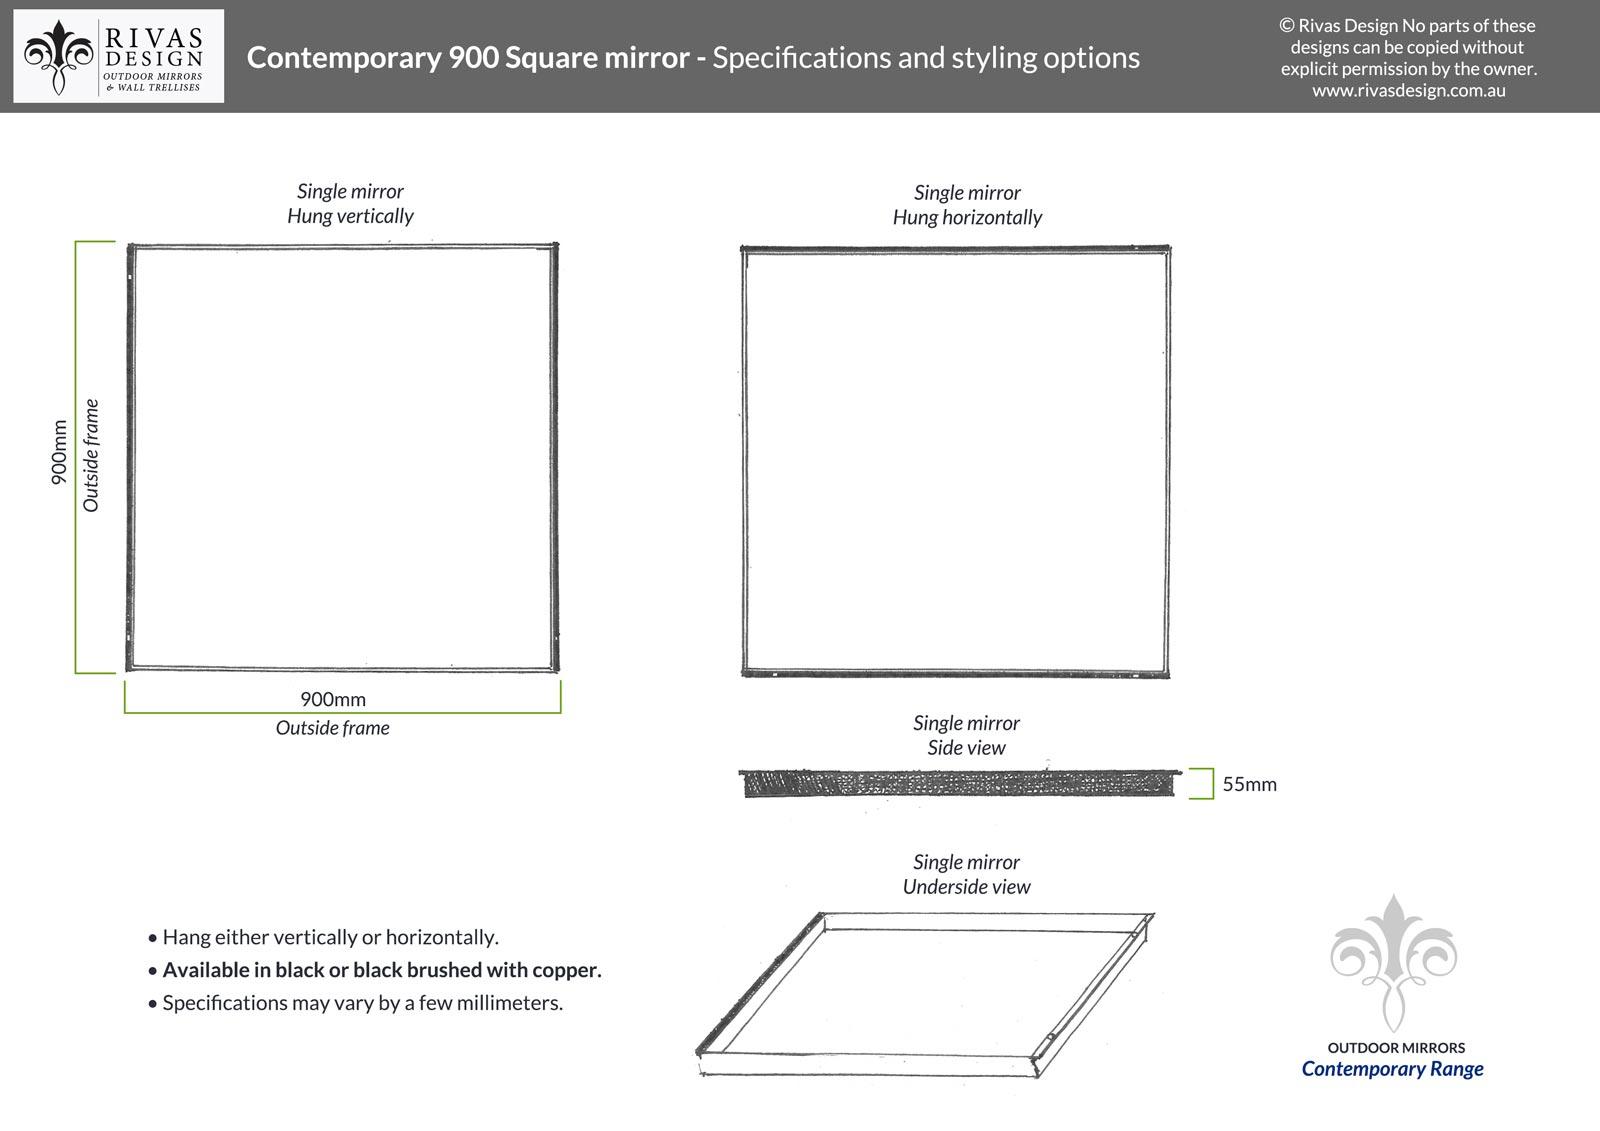 Contemporary 900 Square mirror